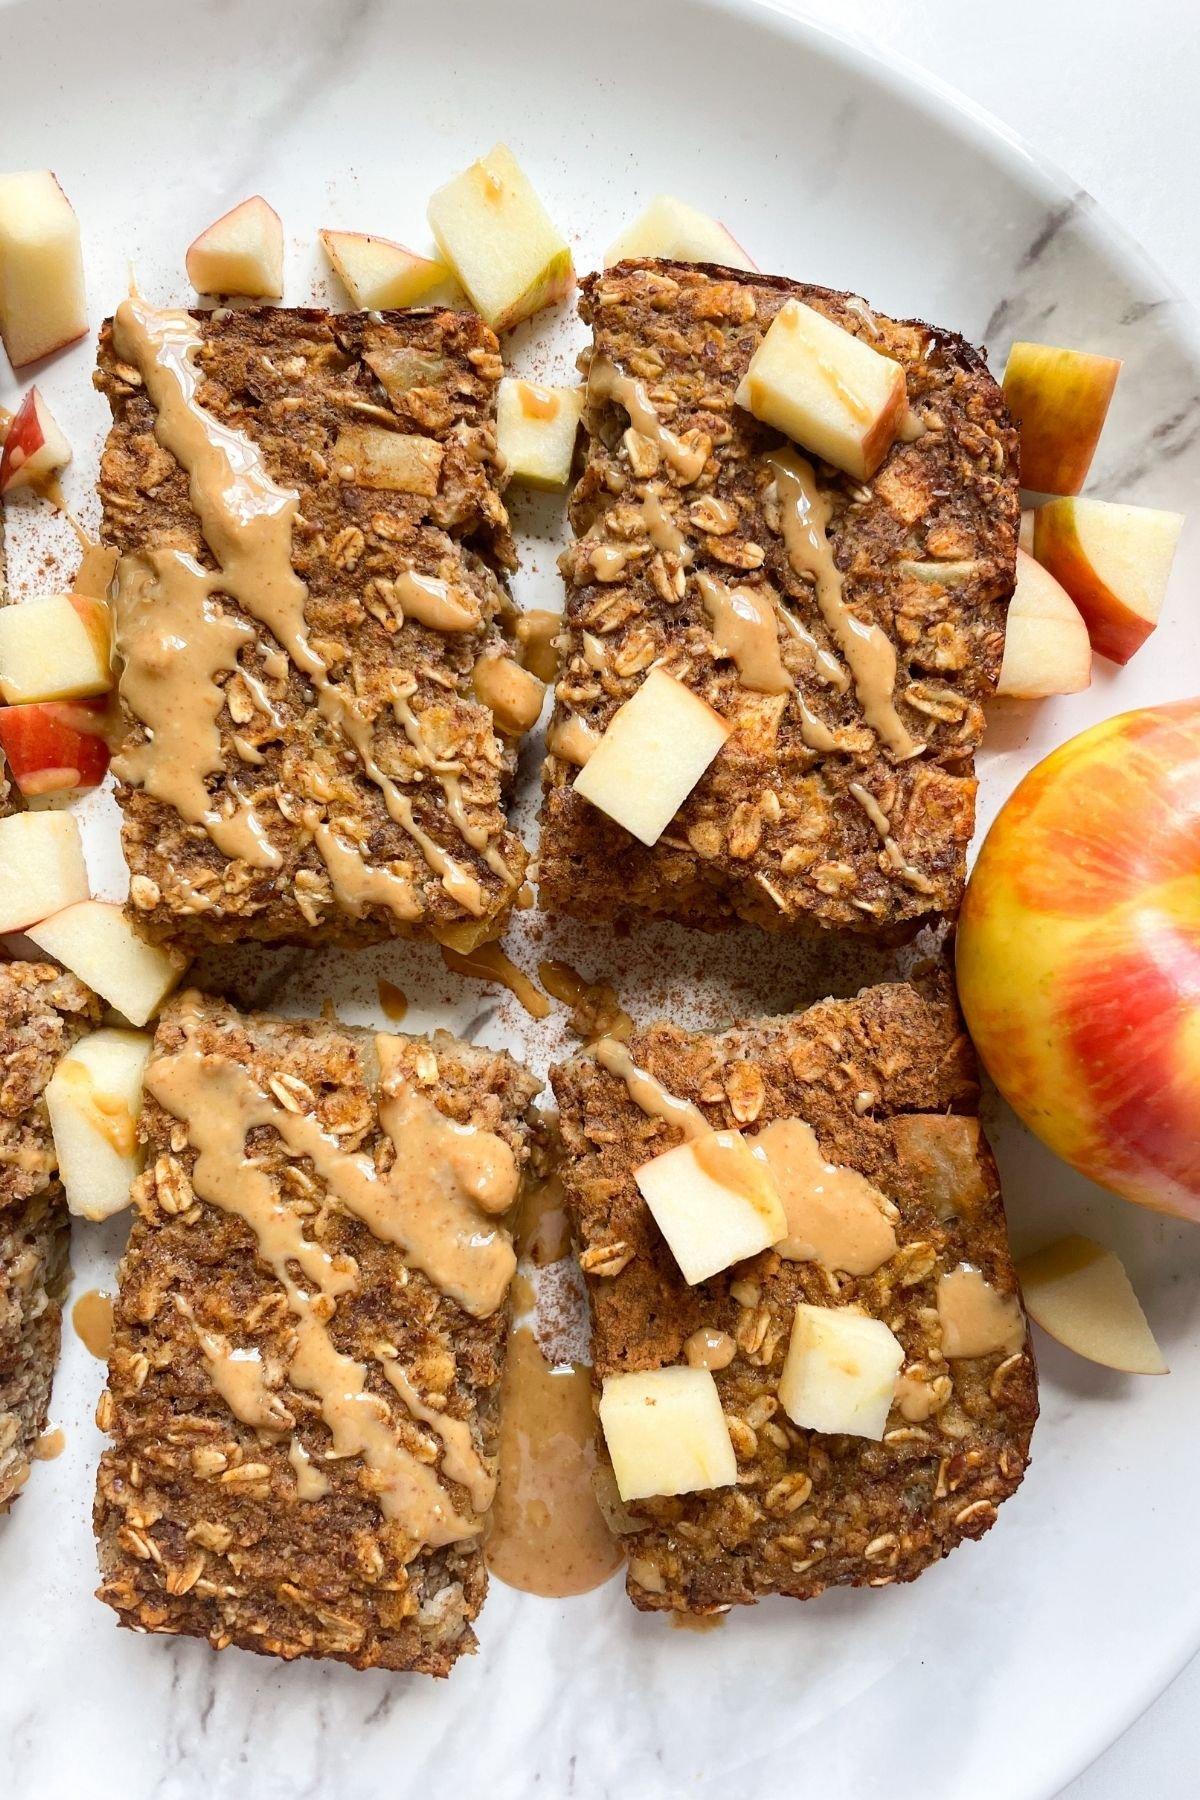 Apple Cinnamon Baked Oatmeal Bars on plate